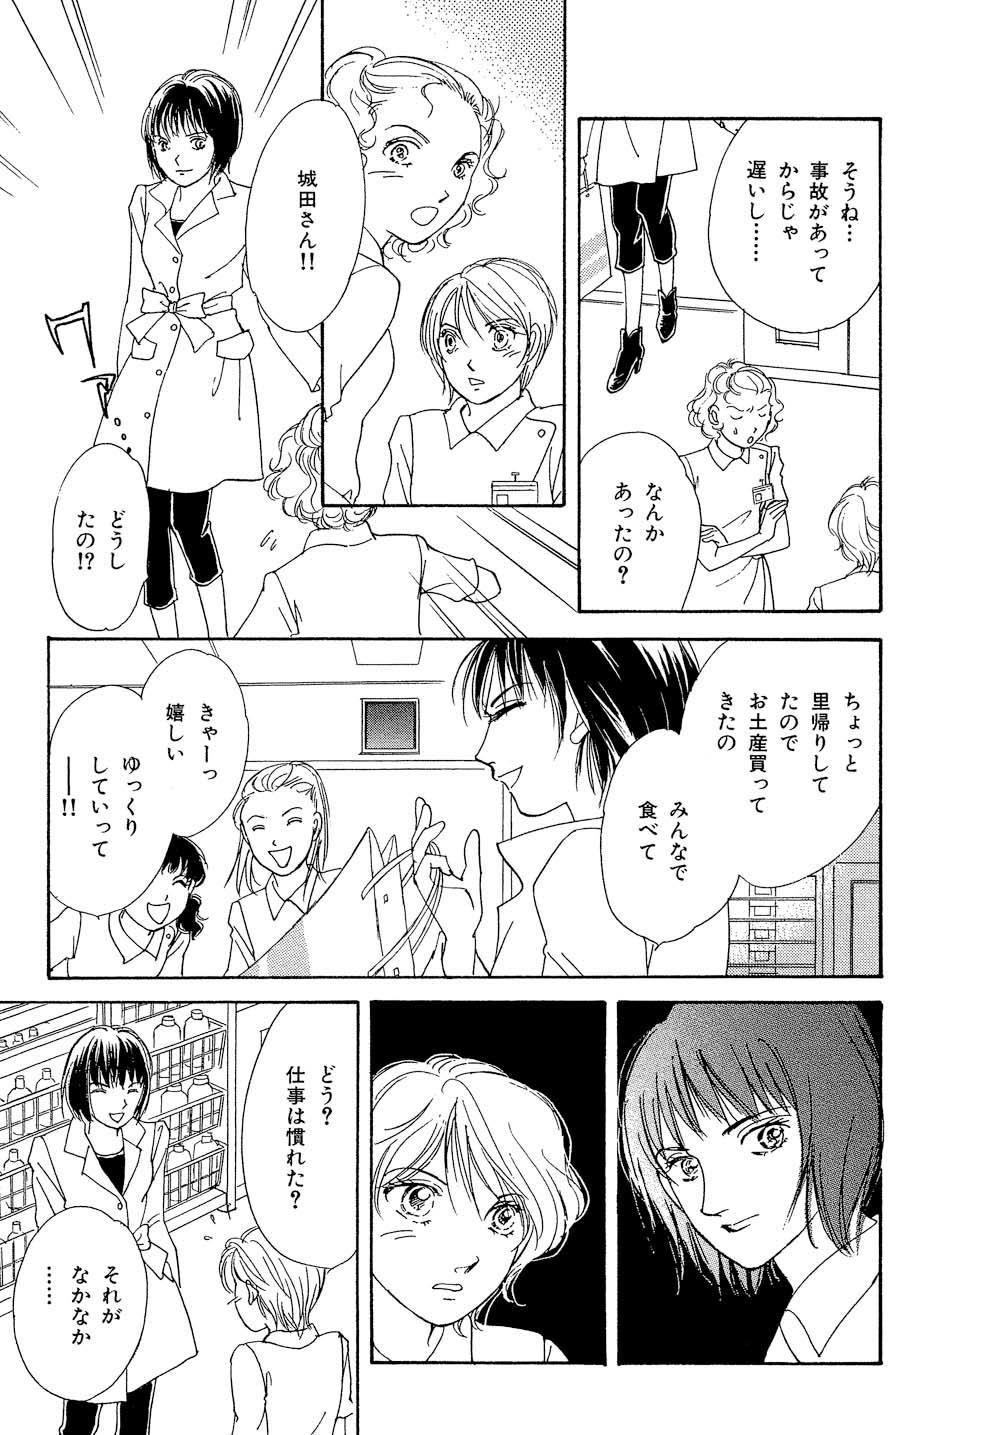 hakui_0001_0157.jpg